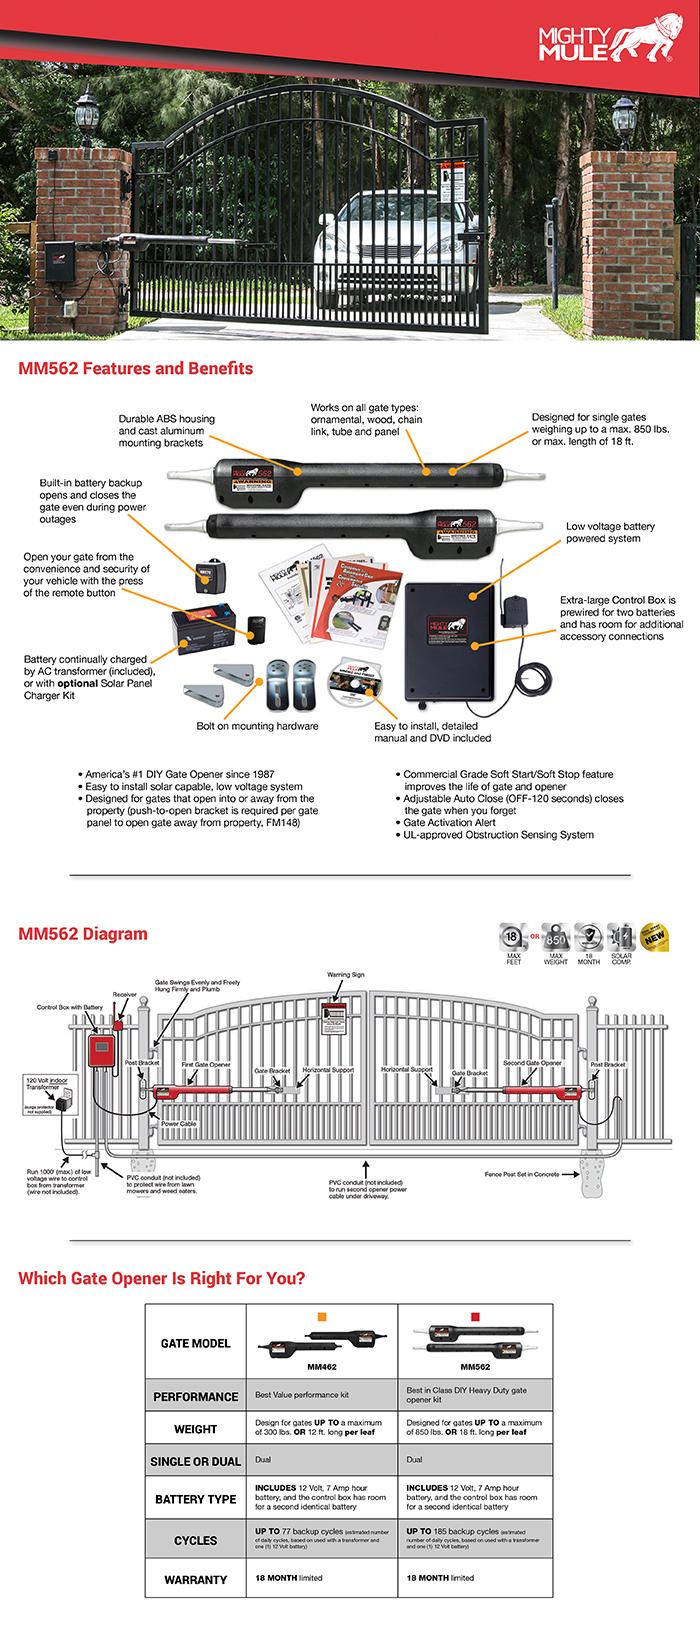 Mighty Mule Heavy Duty Dual Swing Automatic Gate Opener